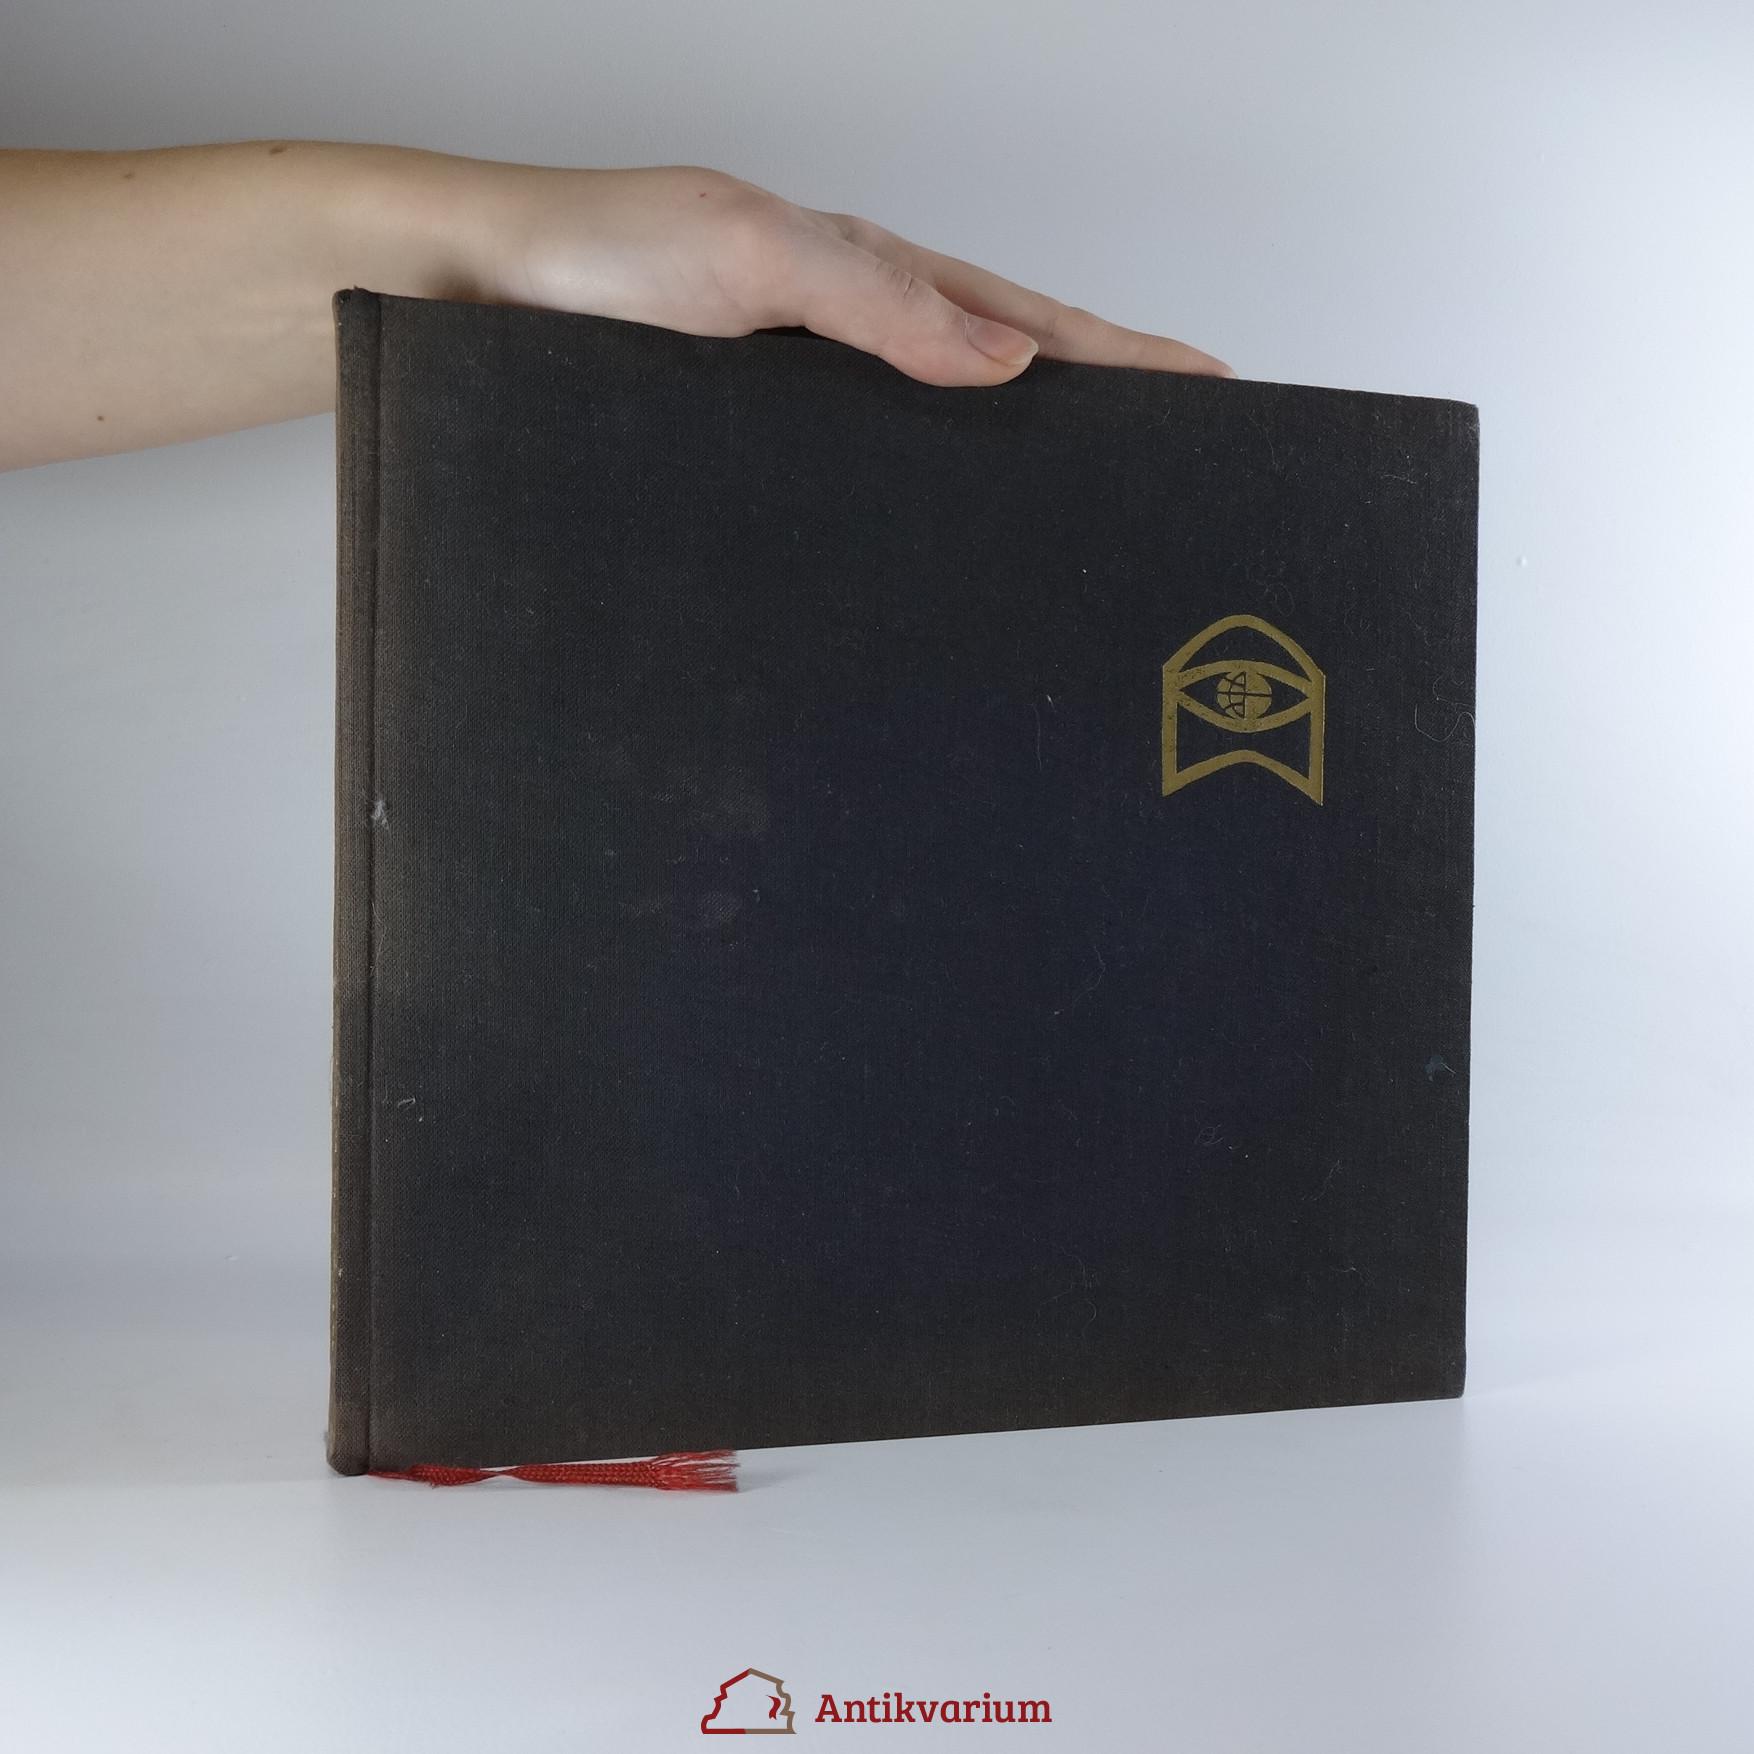 antikvární kniha Interpressfoto (fotopublikace), 1964